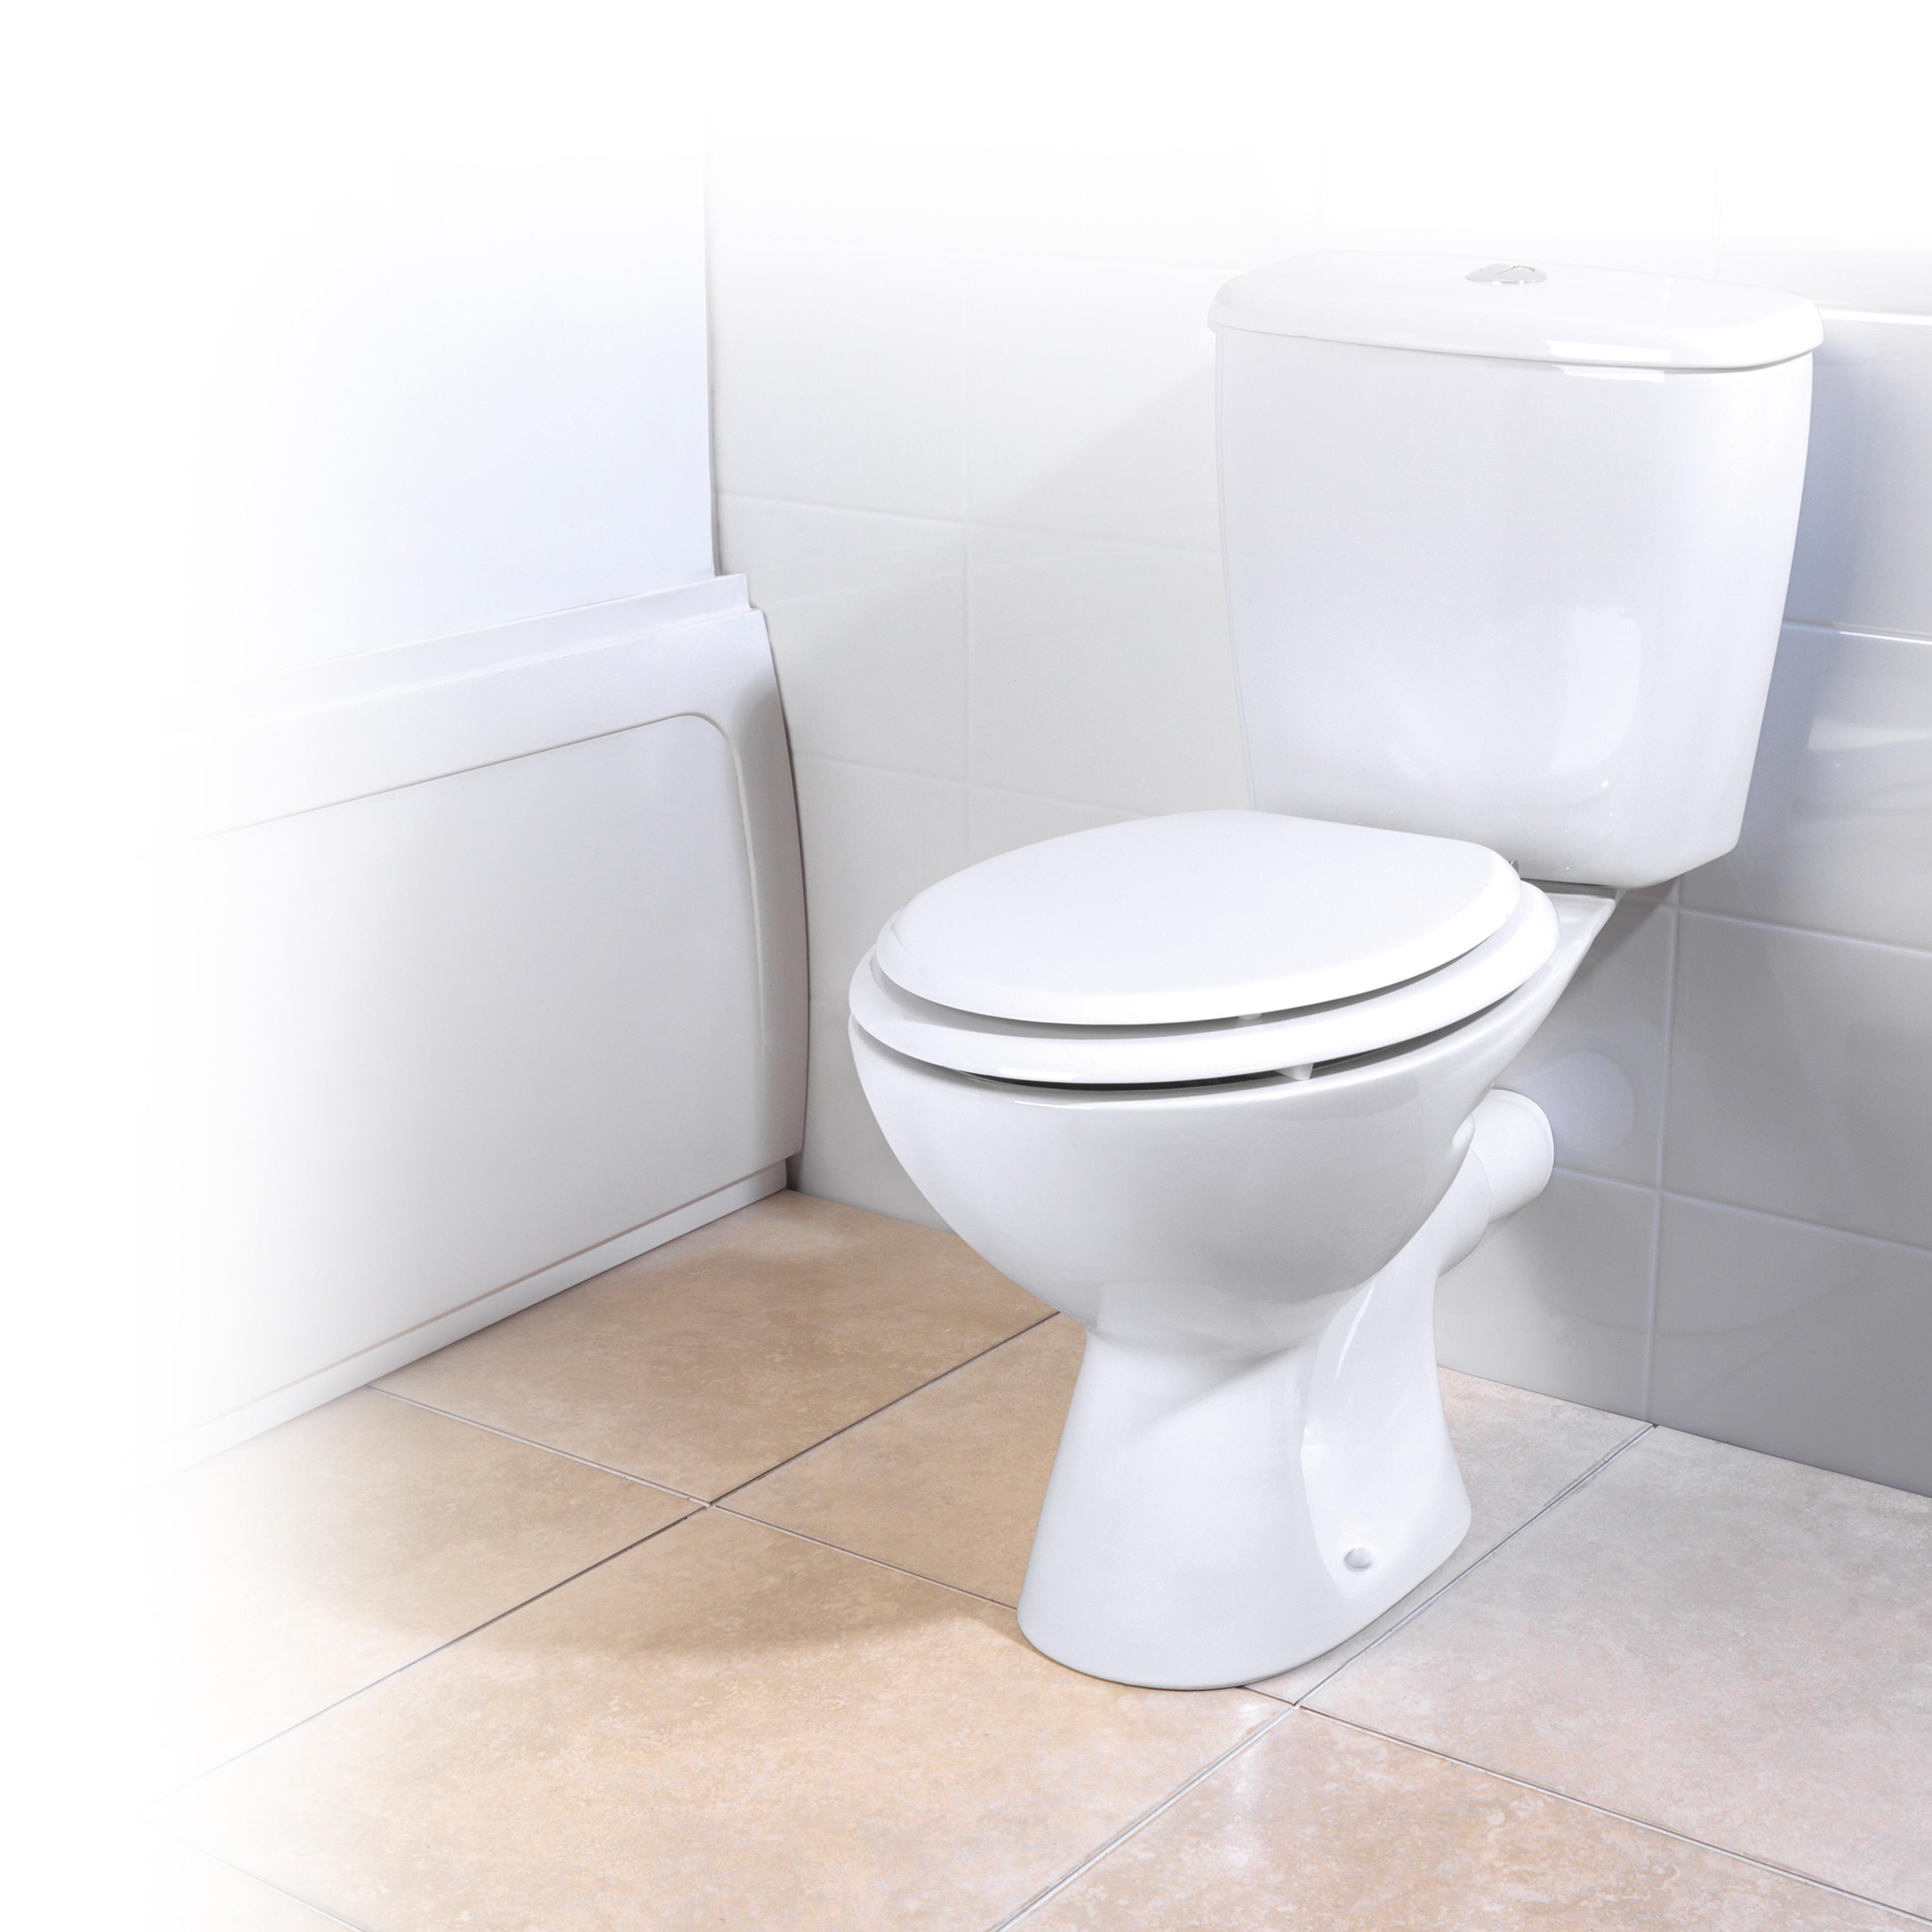 Beldray la032355 18 mdf toilet seat bathroom for Bathroom toilet accessories